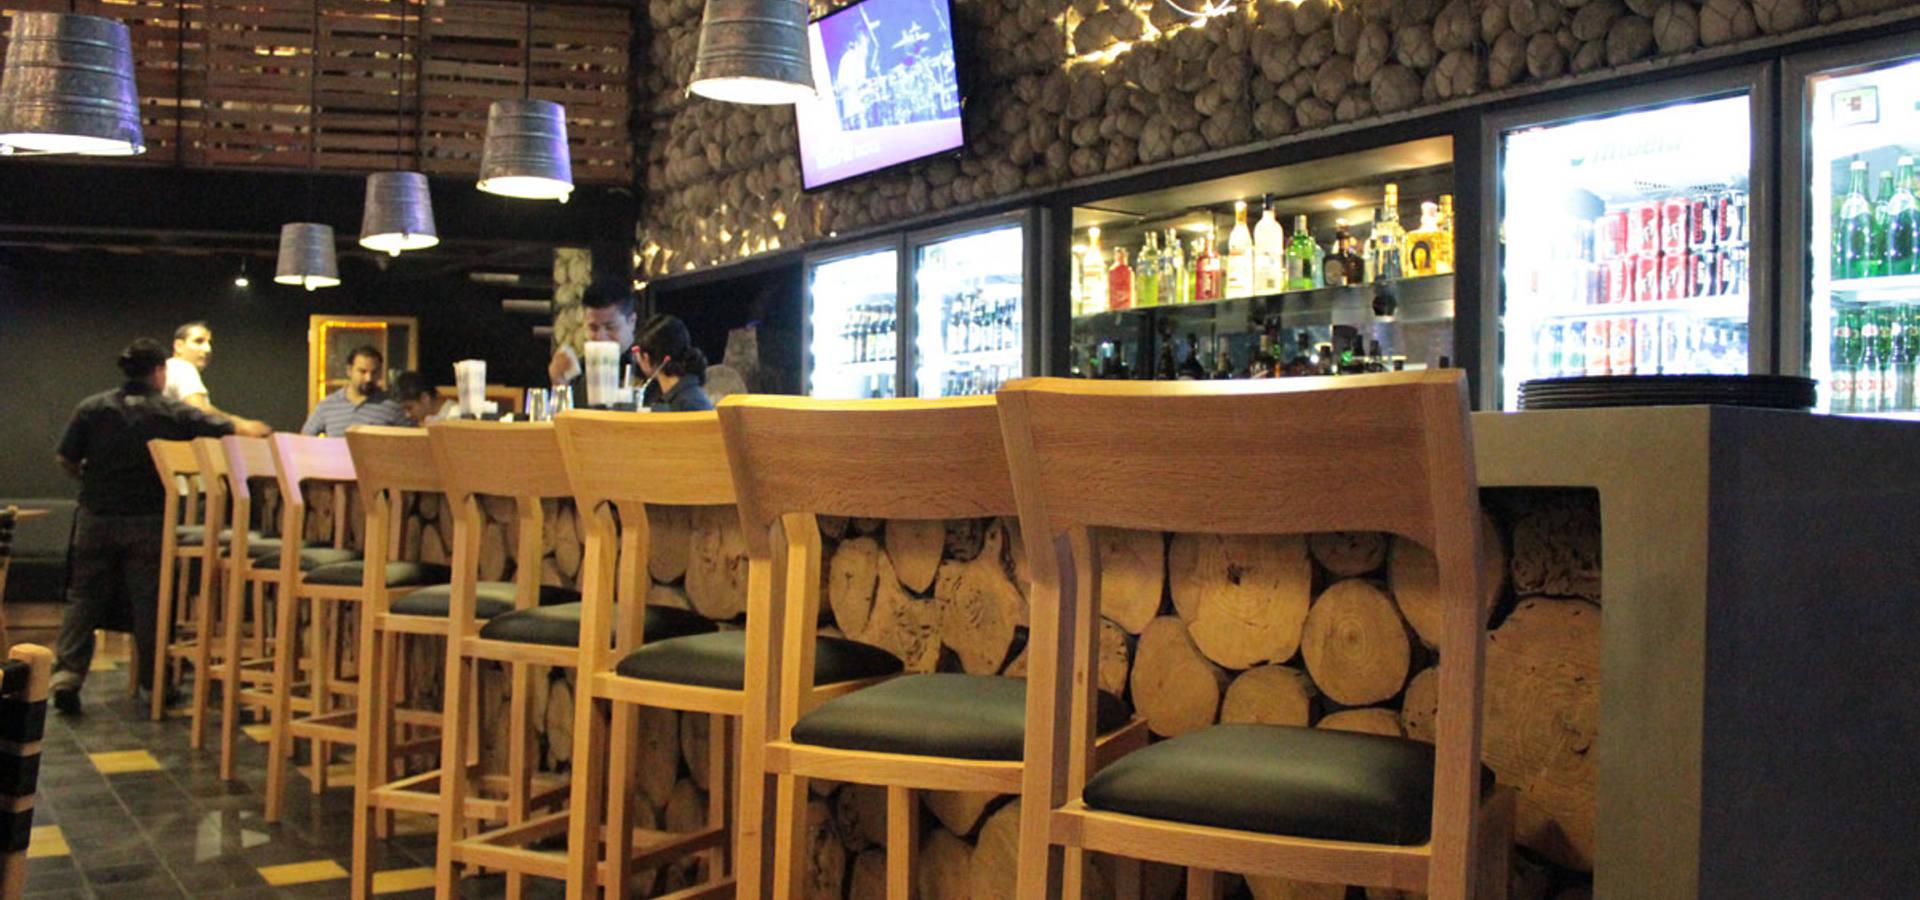 Dise o de bares y restaurantes b arquitectura - Decoracion y diseno de interiores ...